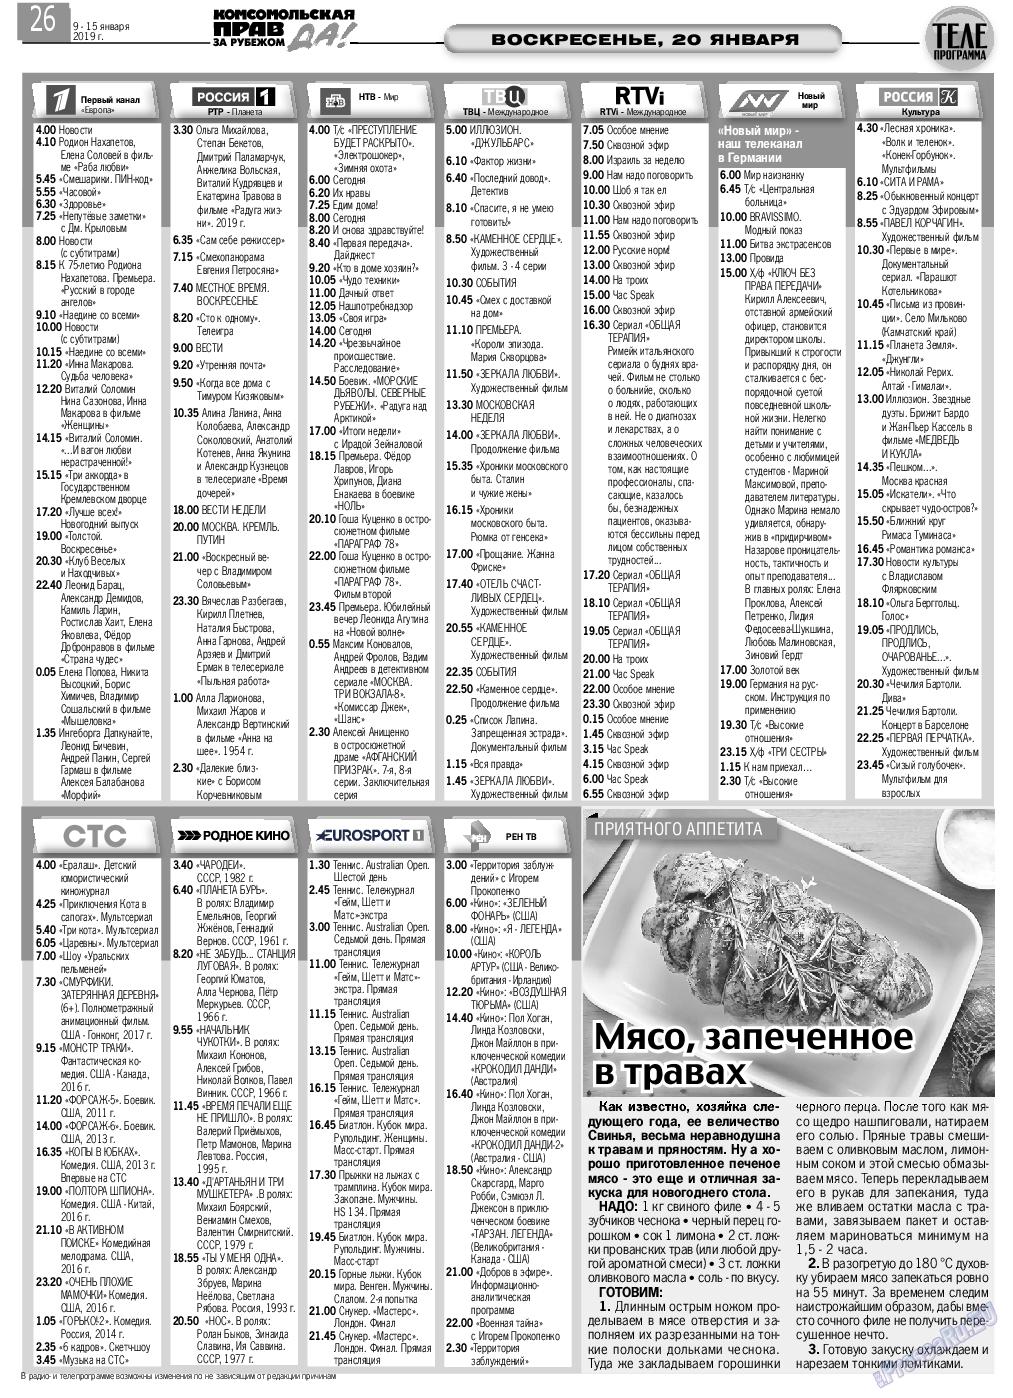 КП в Европе (газета). 2019 год, номер 2, стр. 26